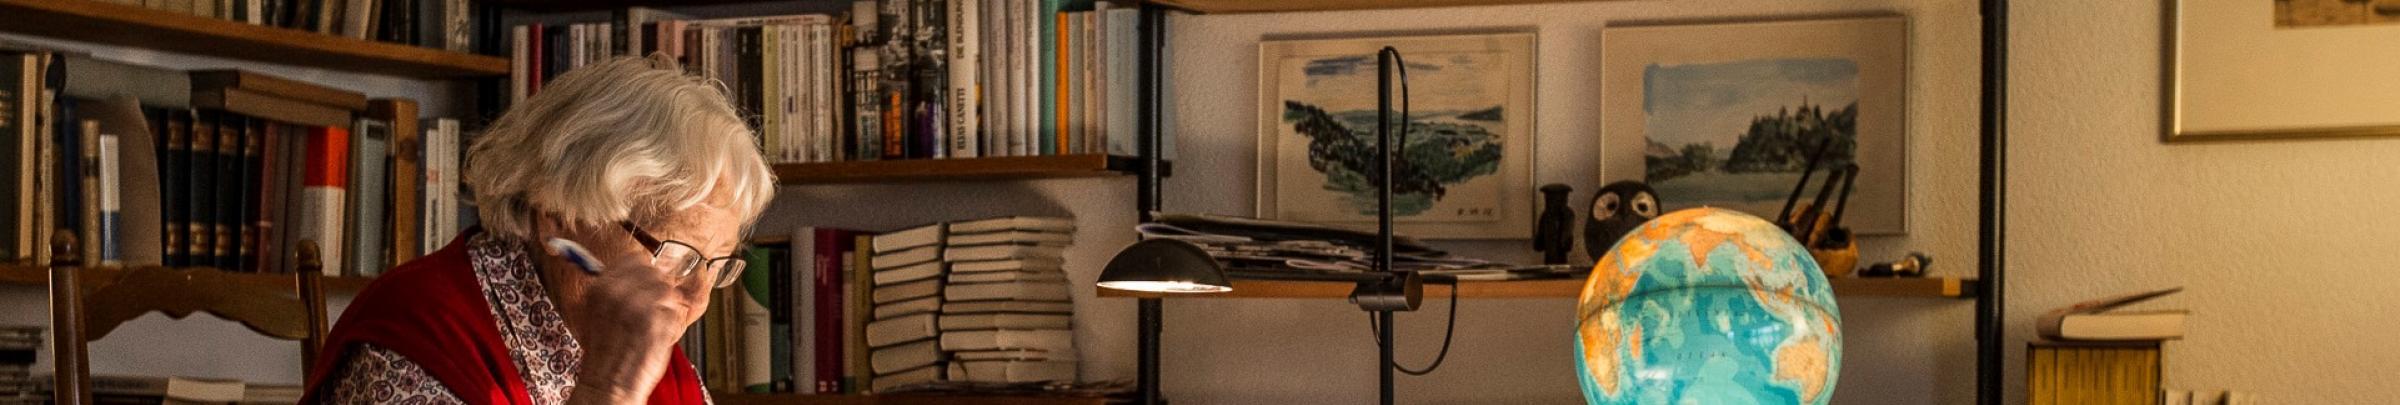 Spezielle Fachstellen bieten Unterstützung Fragen zu baulichen Anpassungen für eine hindernisfreie Wohnung.